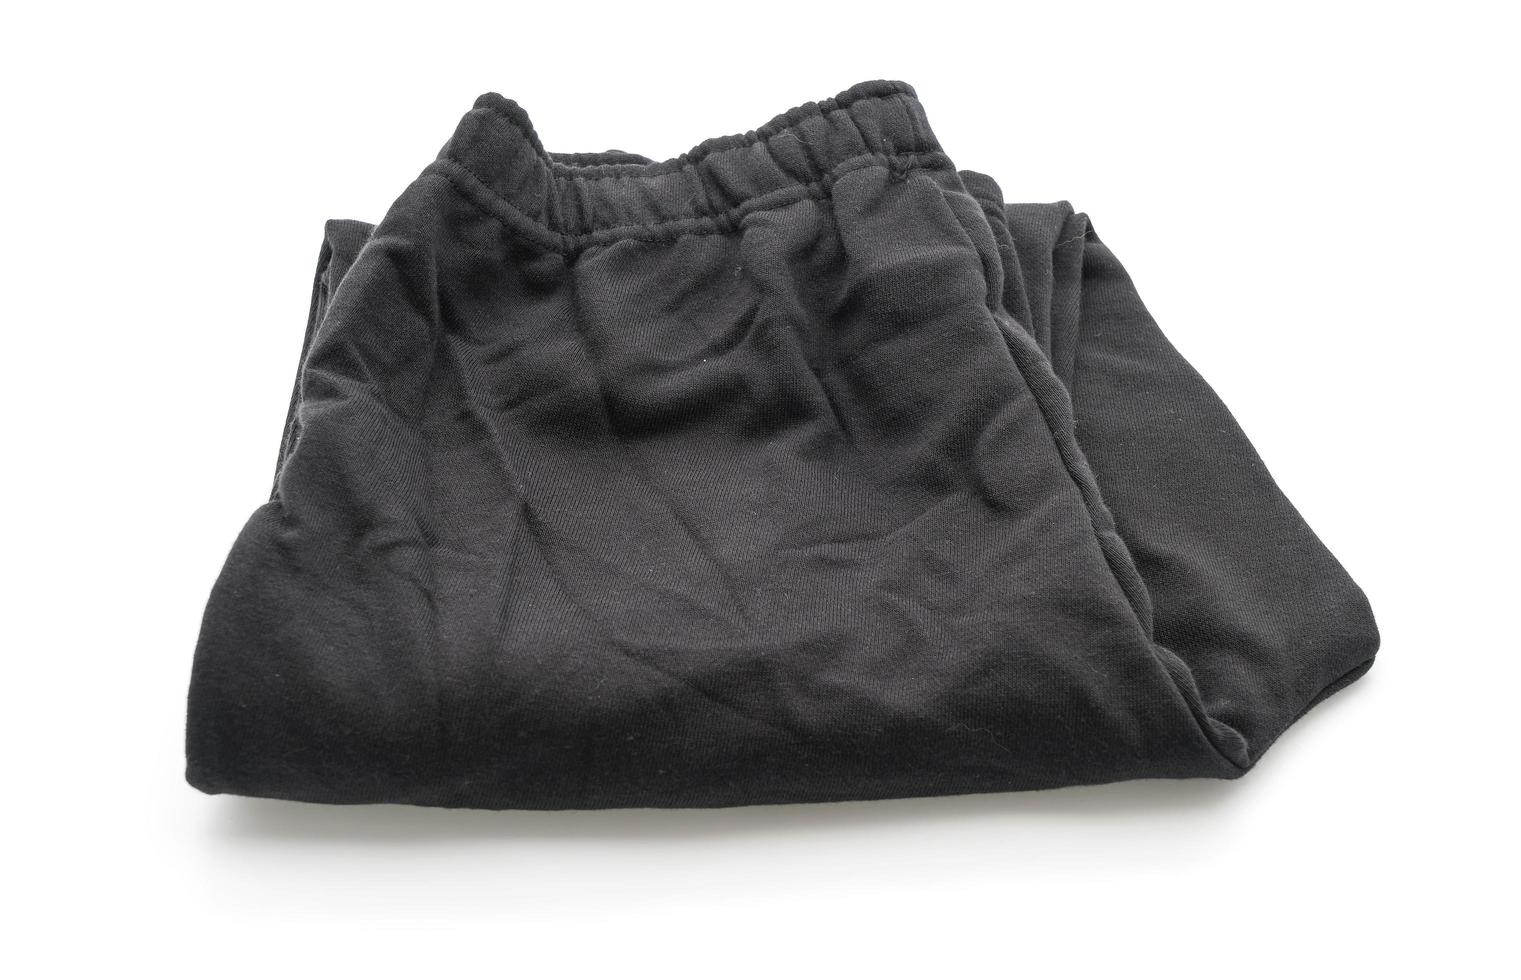 pantalon de survêtement noir photo